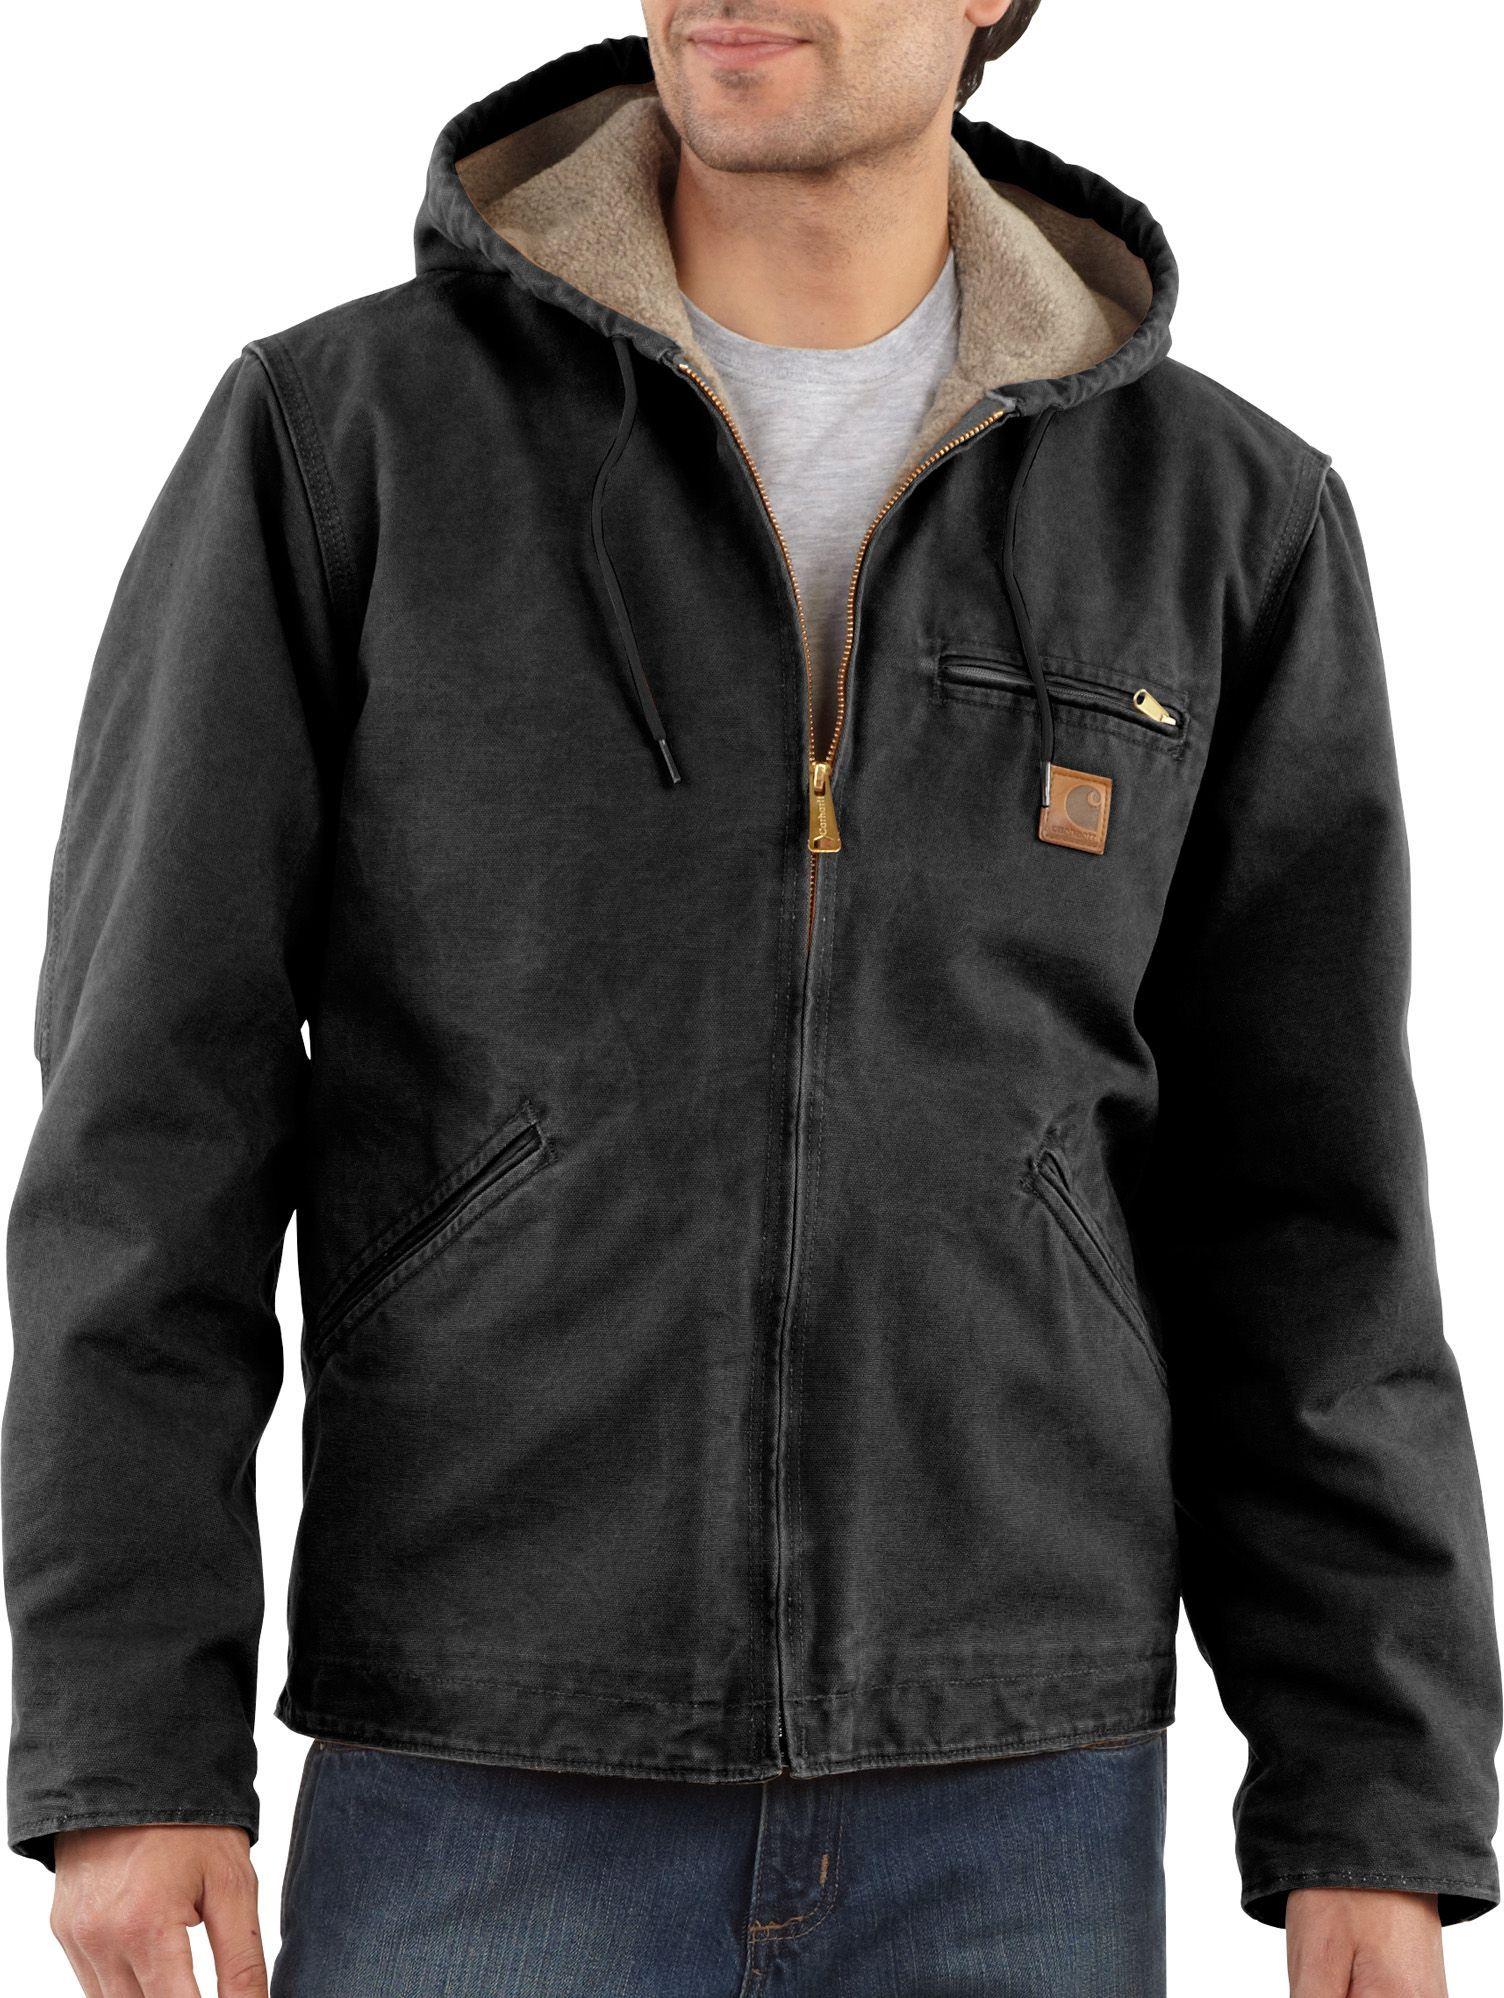 92ccc8b651a Carhartt Men s Sandstone Sierra Jacket in 2019